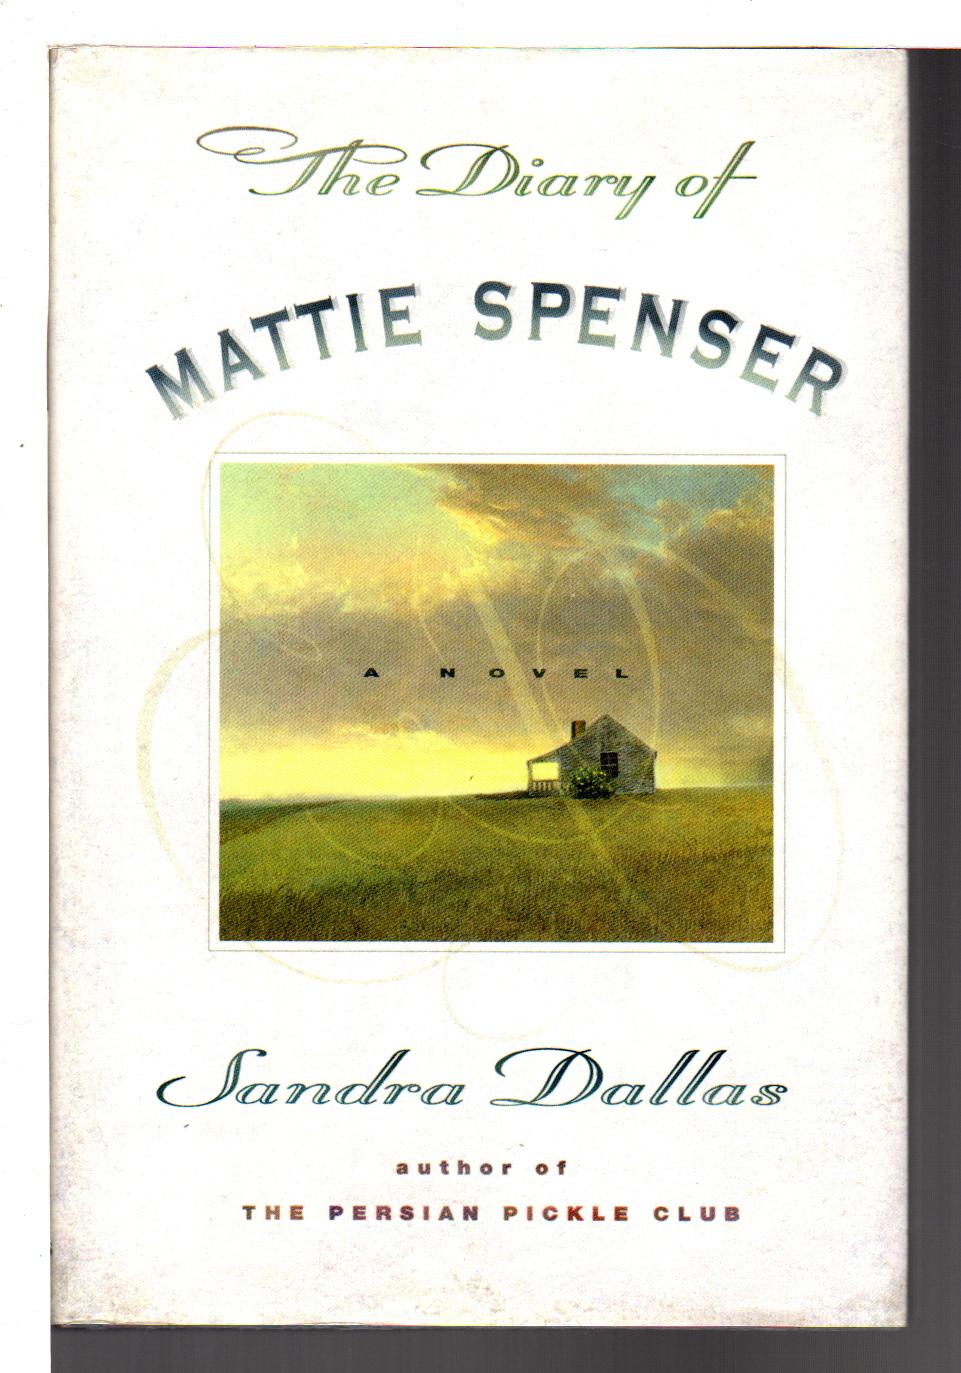 DALLAS, SANDRA. - THE DIARY OF MATTIE SPENSER.